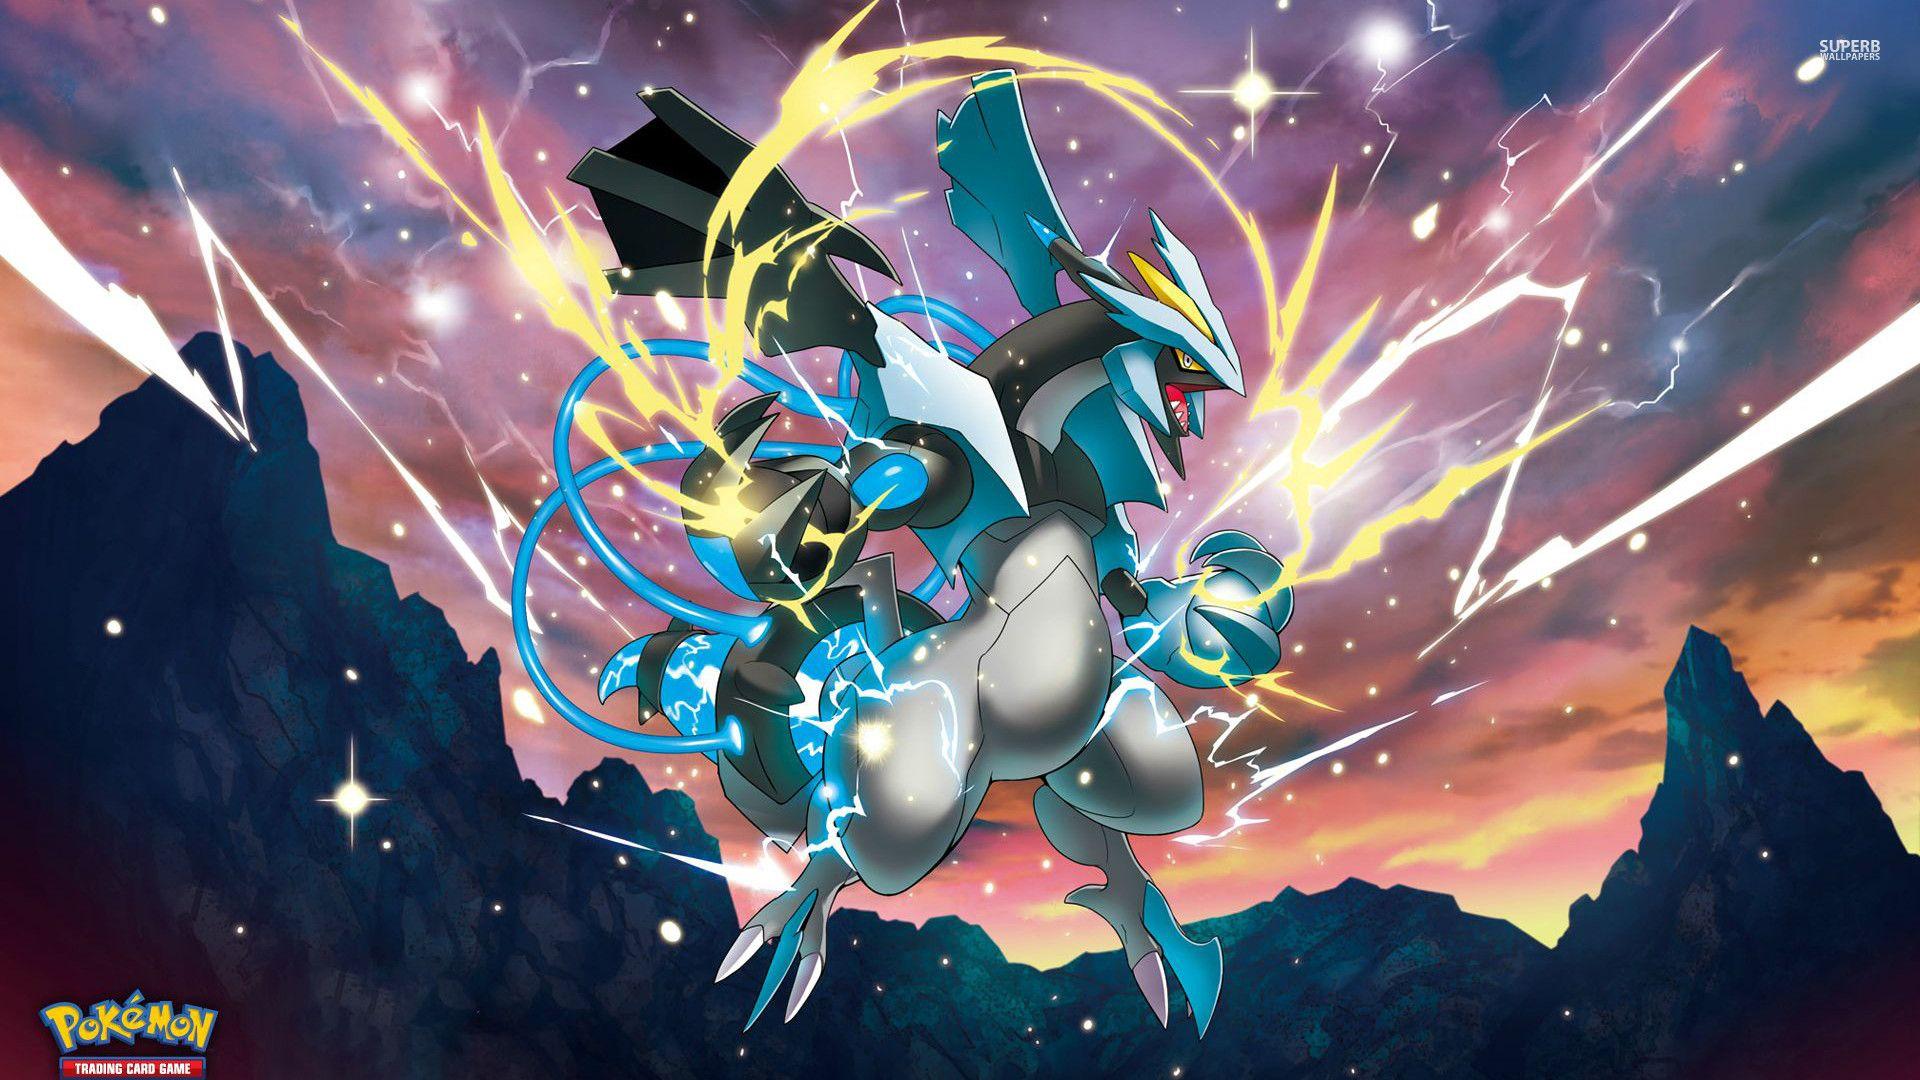 Resultado De Imagen Para Wallpapers Pokemon Pokemon Backgrounds All Legendary Pokemon Pokemon Pictures